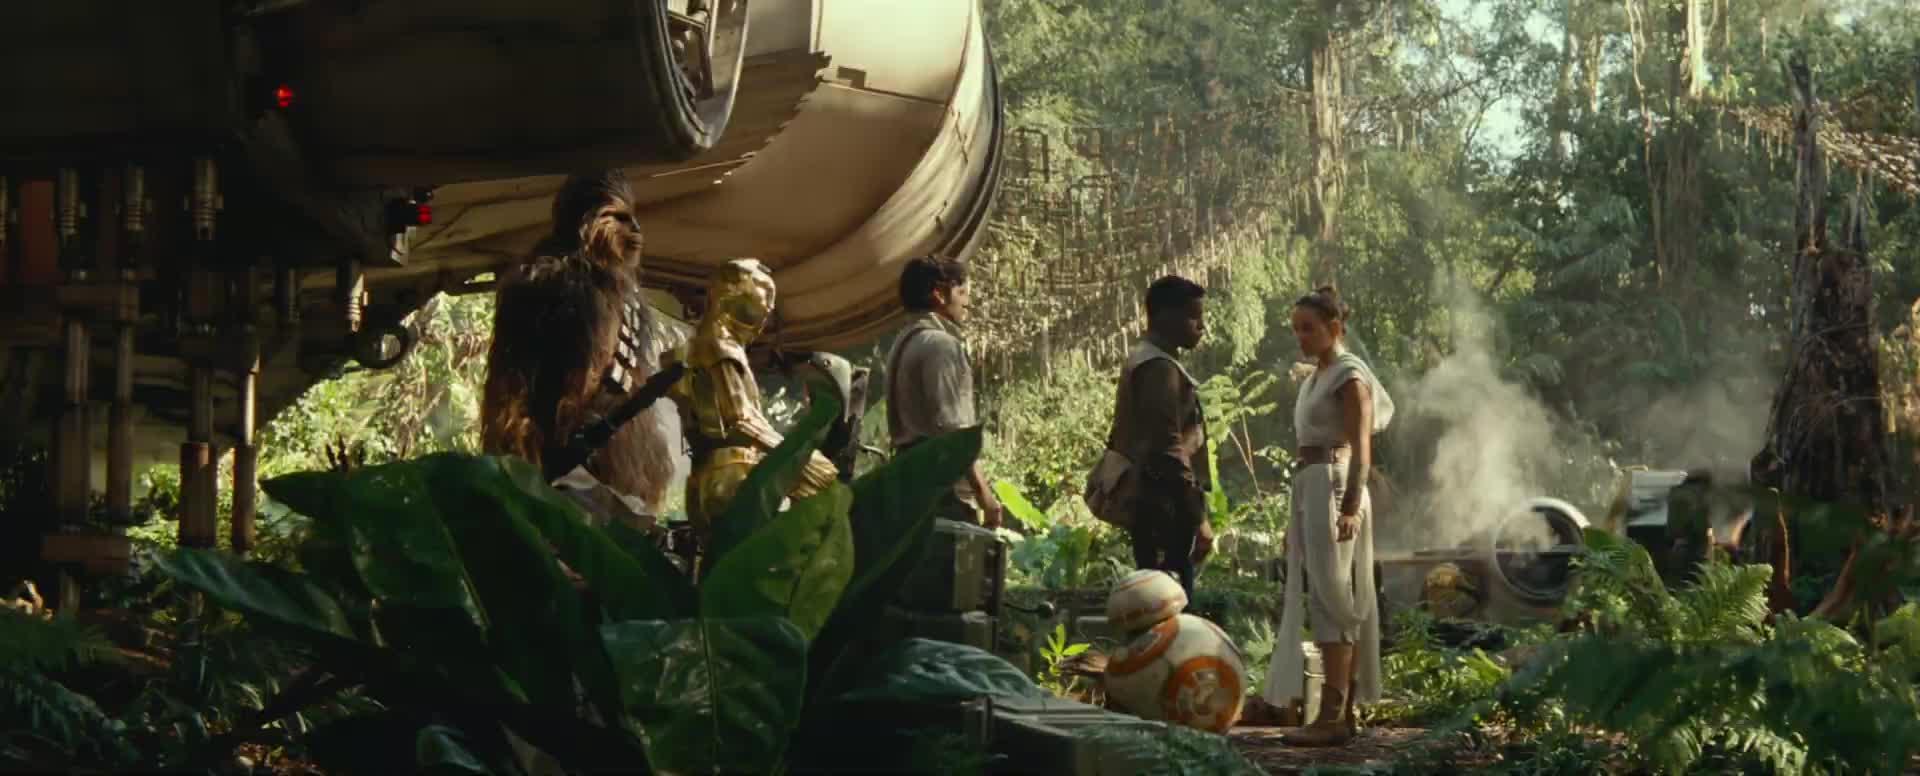 Star Wars: The Rise of Skywalker - TV Spot #16 [HD] screen capture